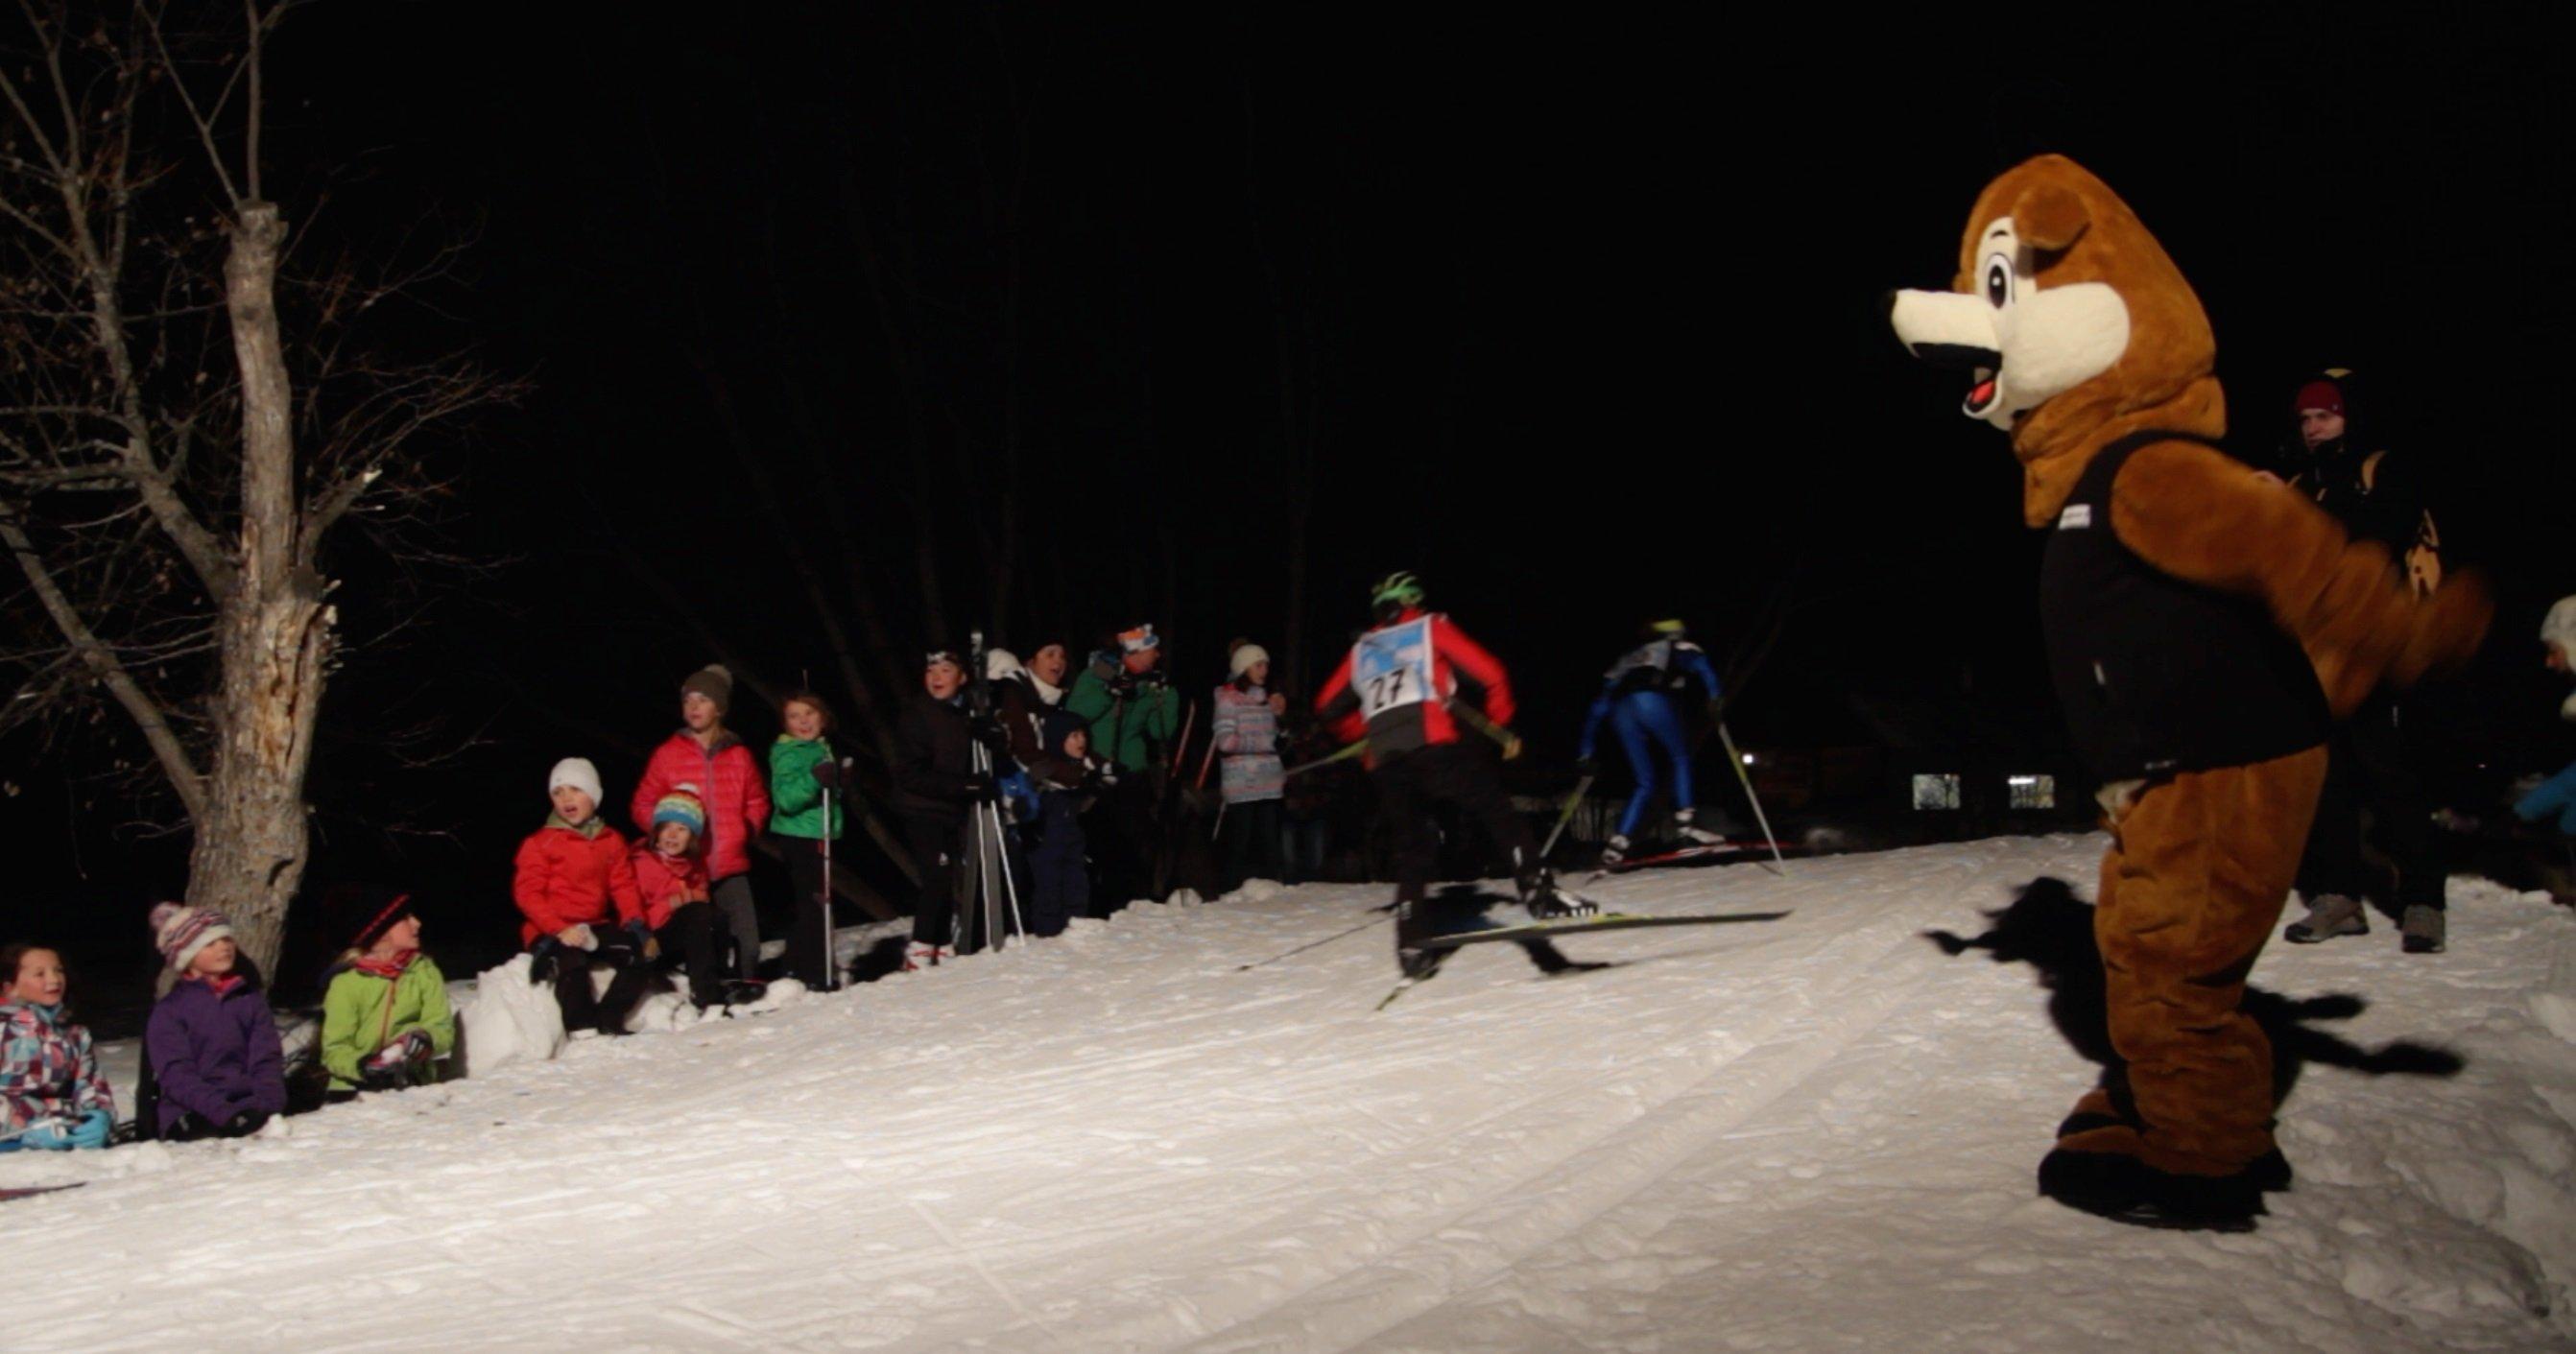 Clôture des Nocturnes de ski de fond mardi 8 mars à Montgenèvre 4